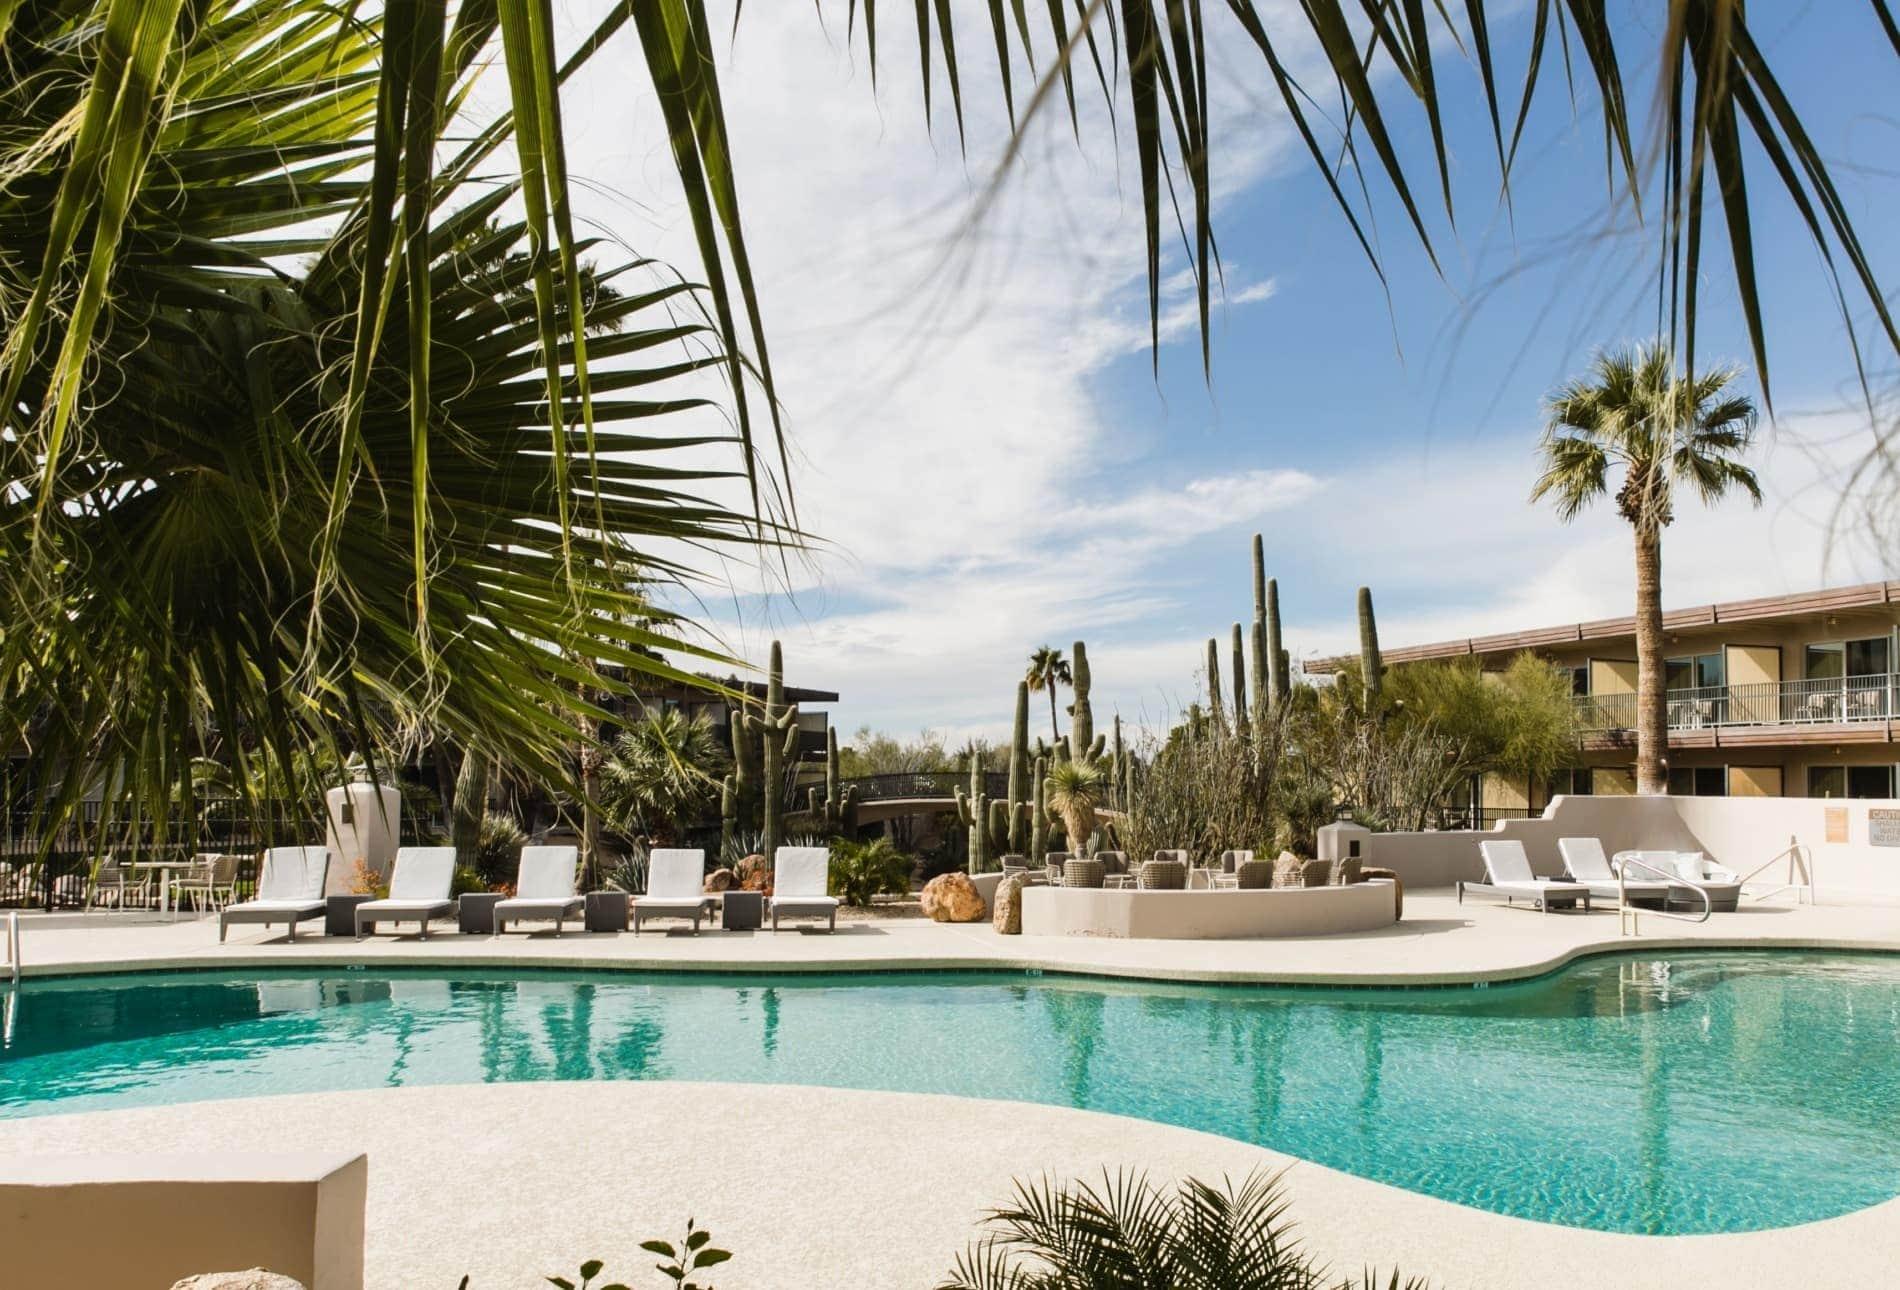 civana wellness resort arizona